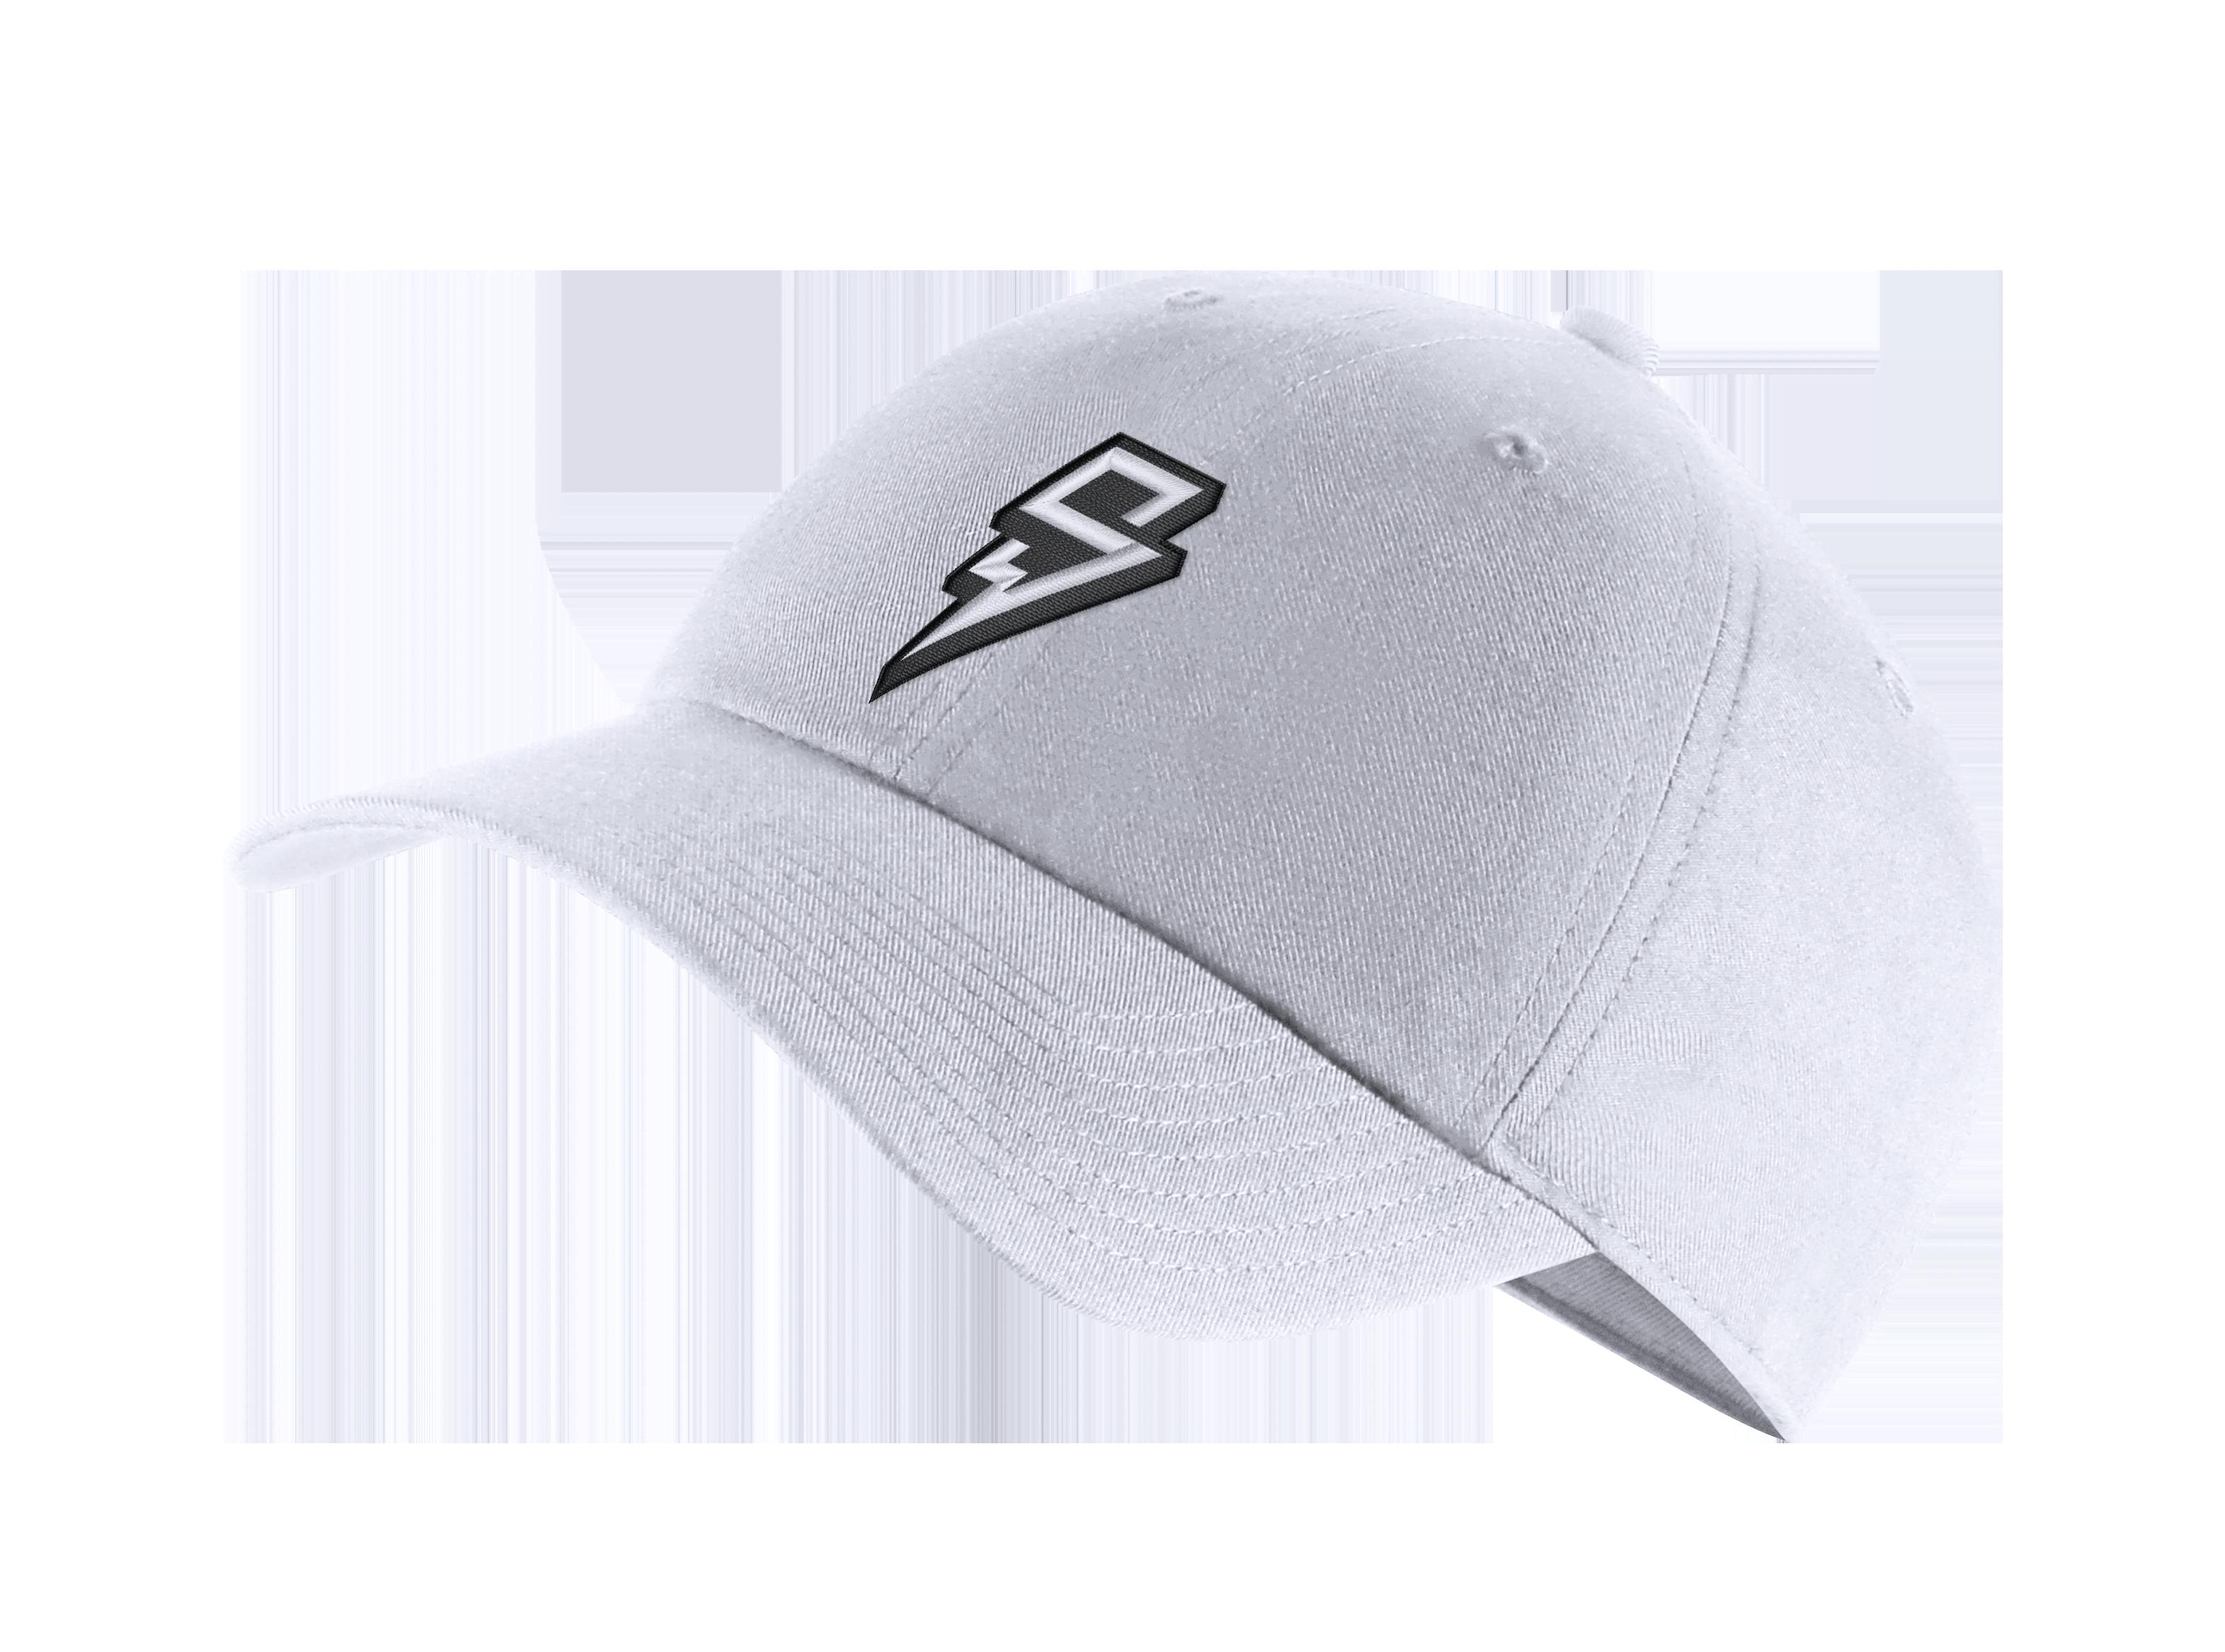 Saquon Barkley Nike Hat